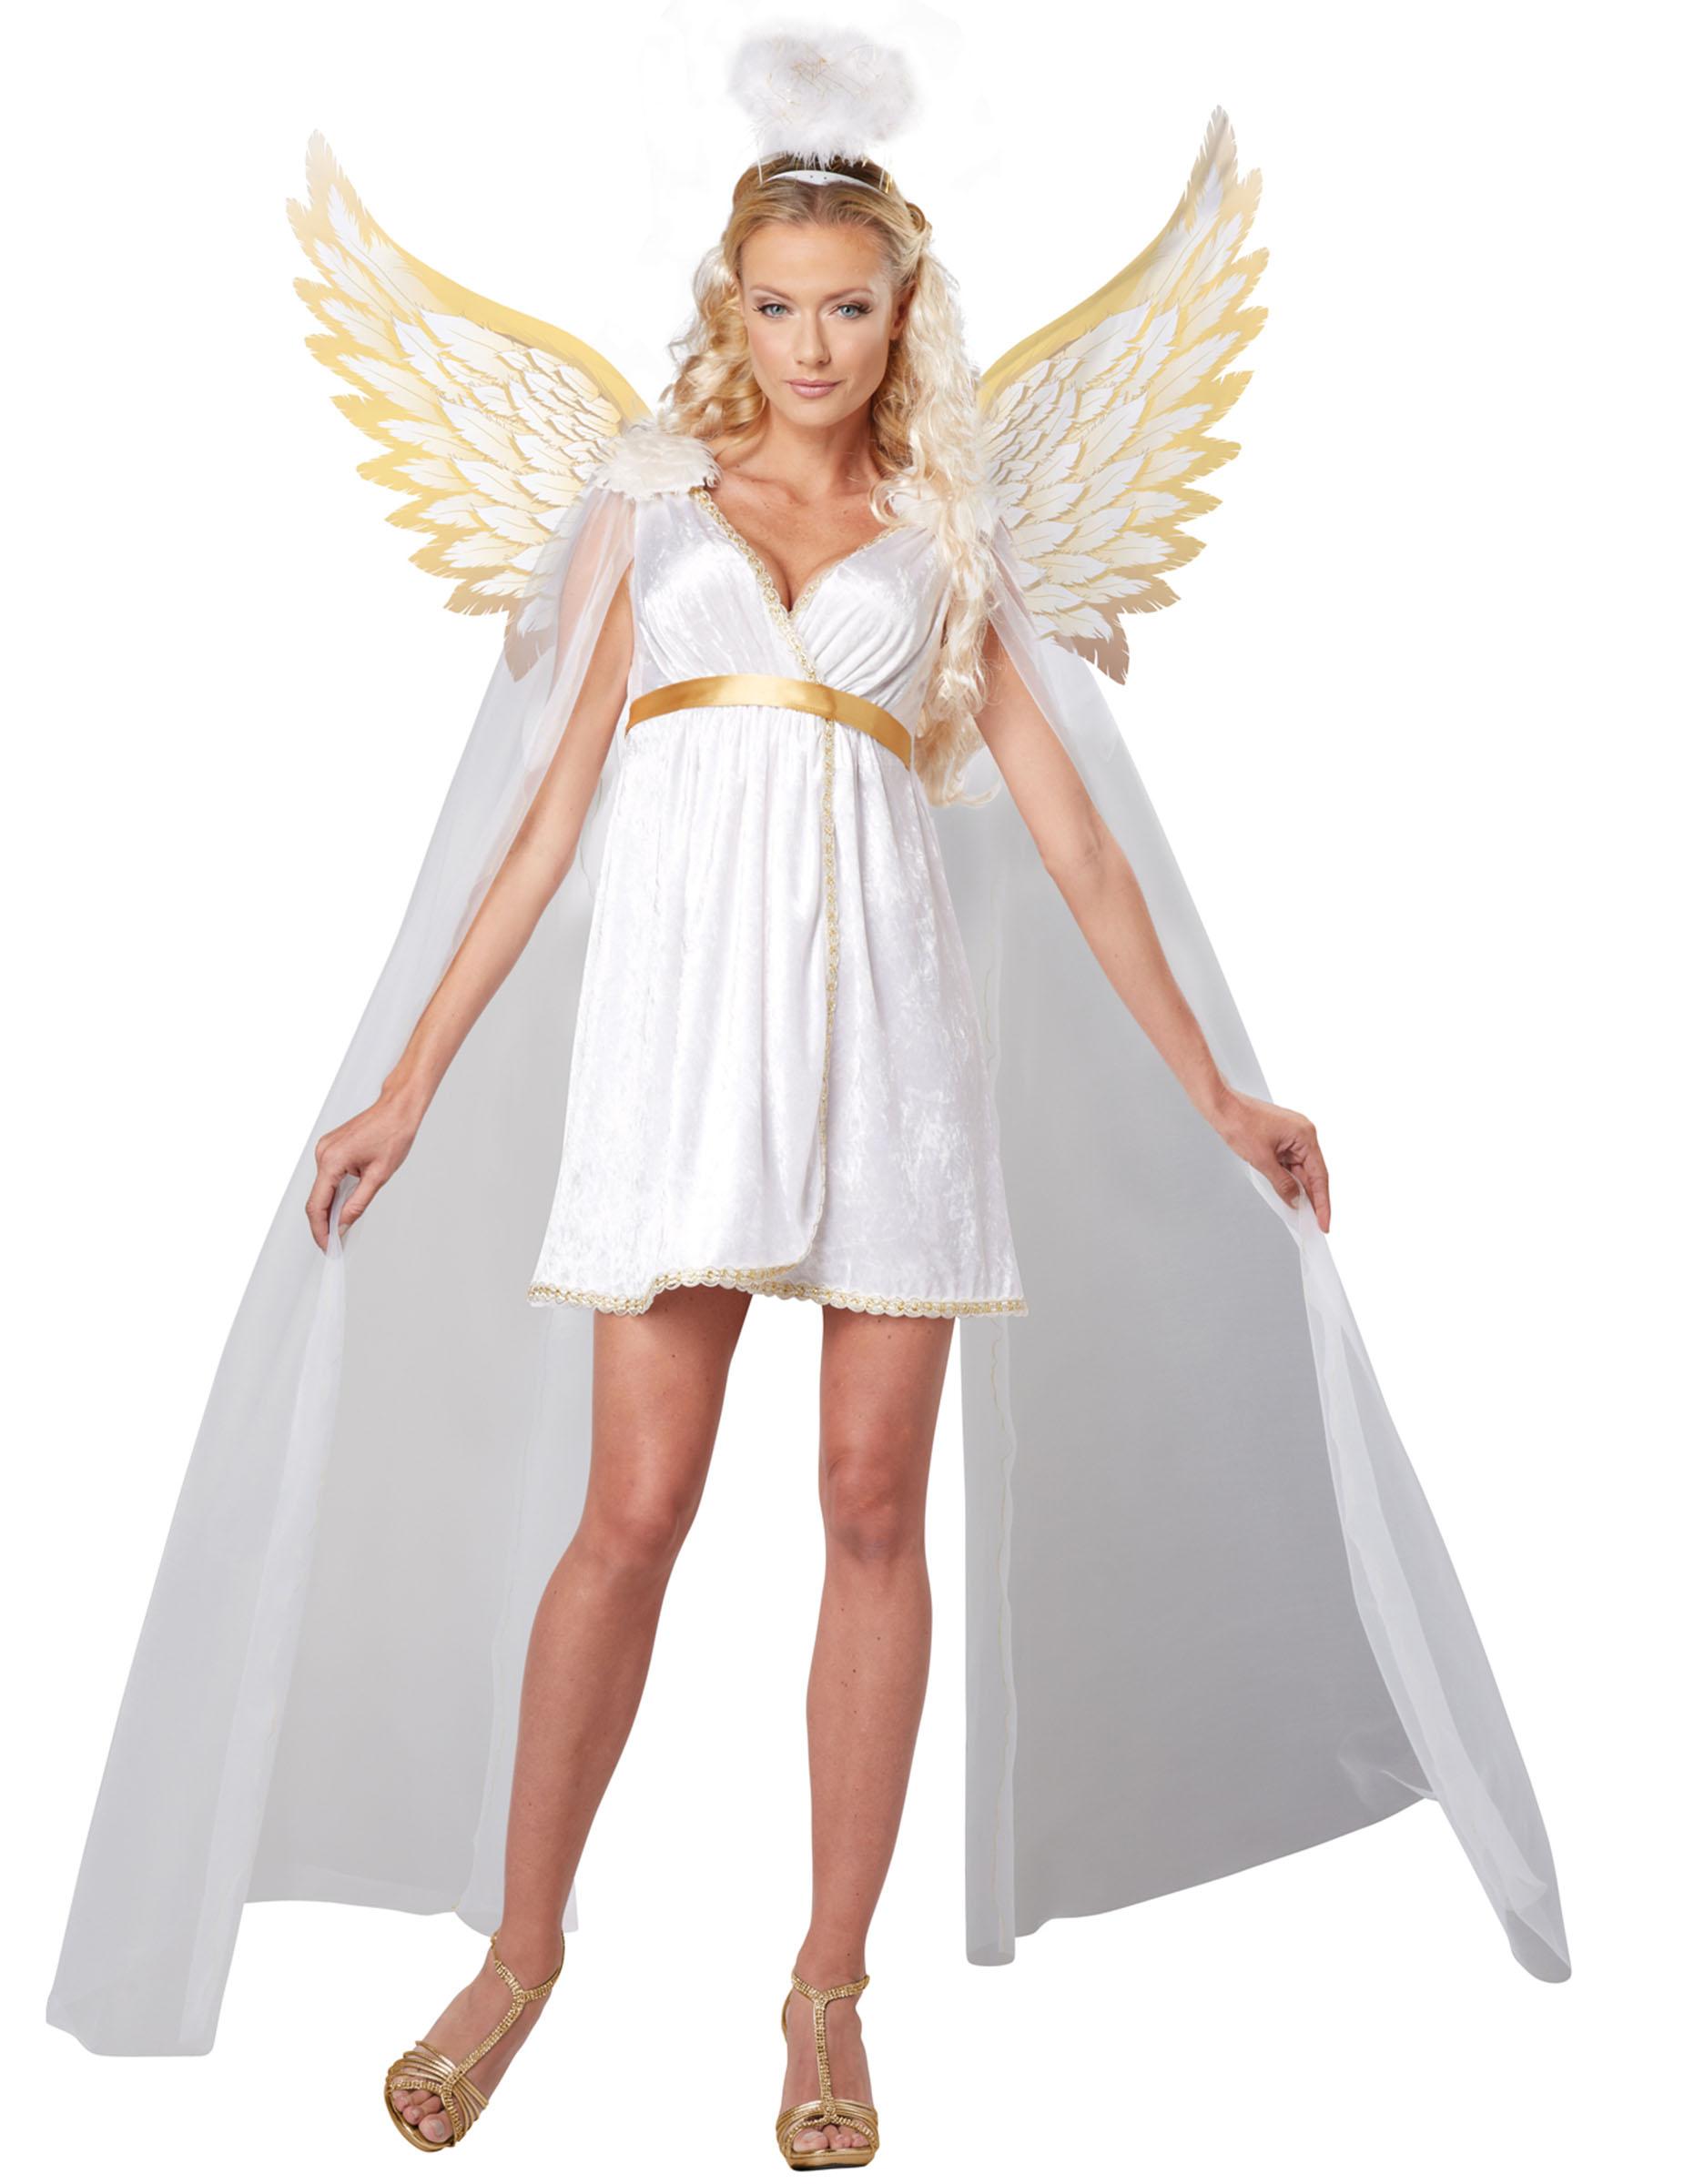 verkleidung strahlender engel f r frauen kost me f r. Black Bedroom Furniture Sets. Home Design Ideas